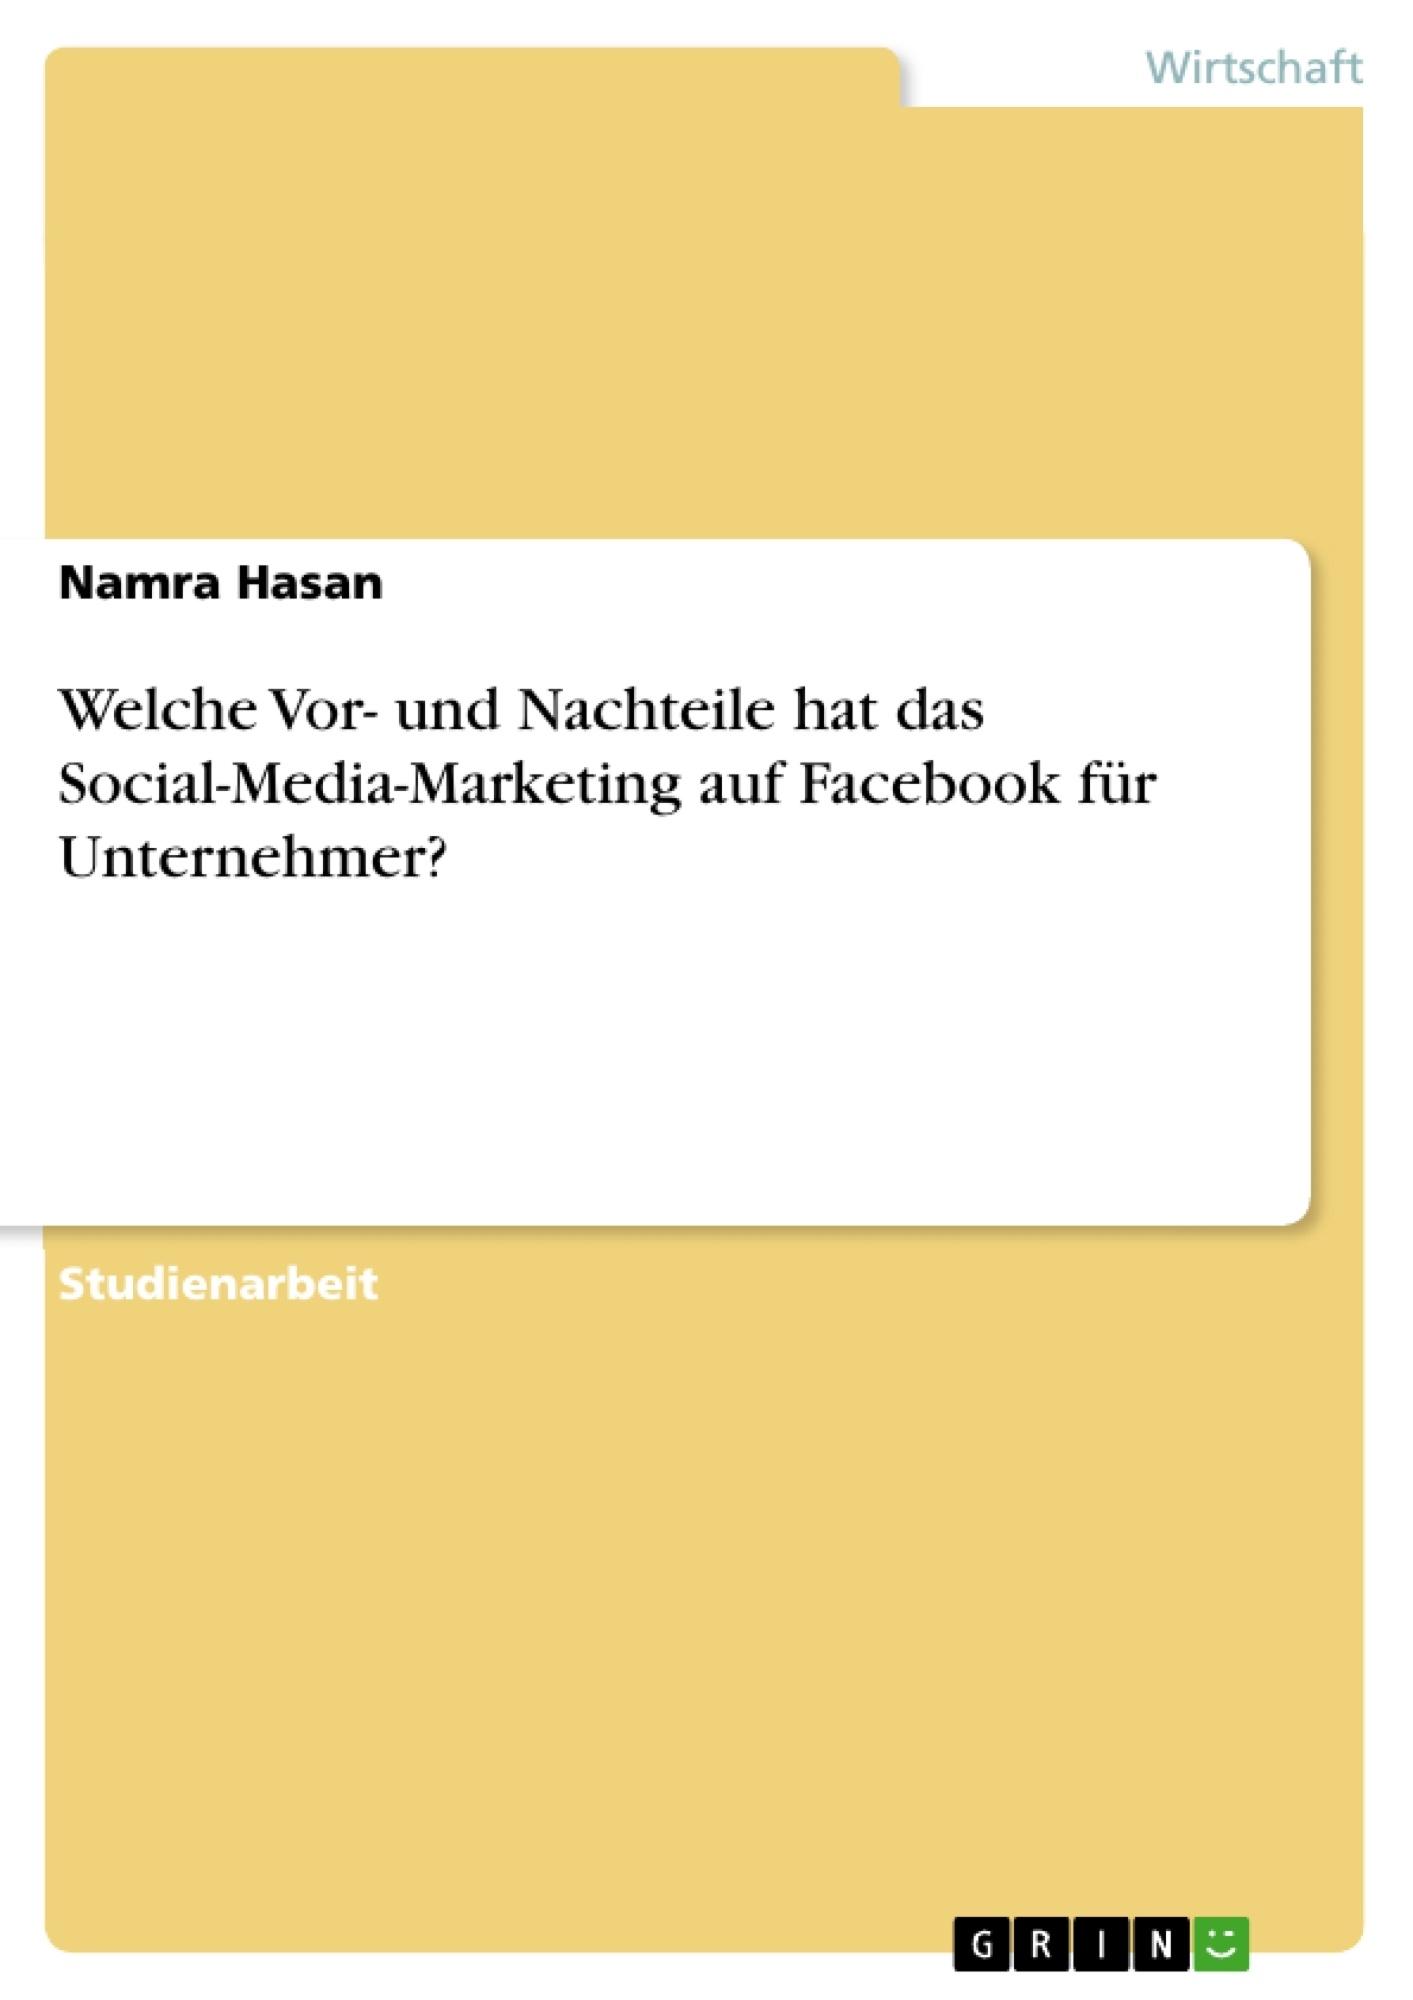 Titel: Welche Vor- und Nachteile hat das Social-Media-Marketing auf Facebook für Unternehmer?